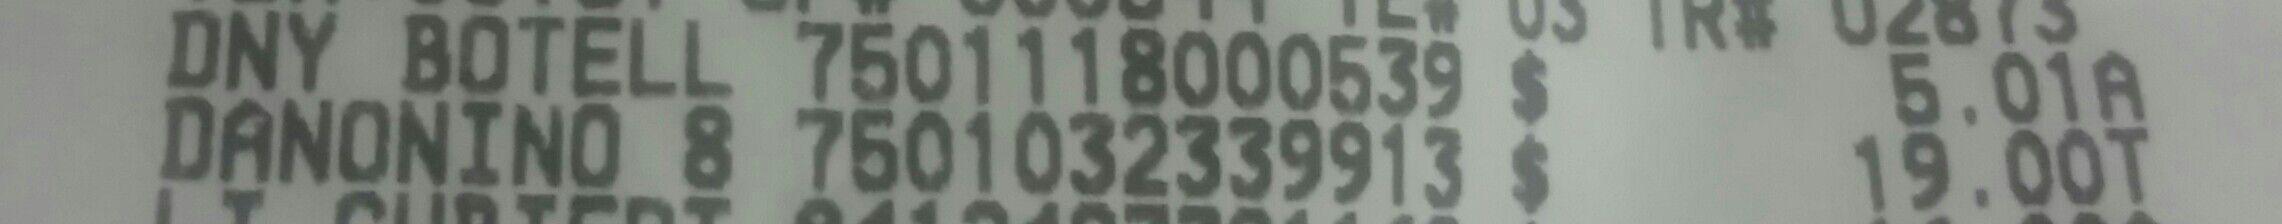 1367313-Zv4te.jpg